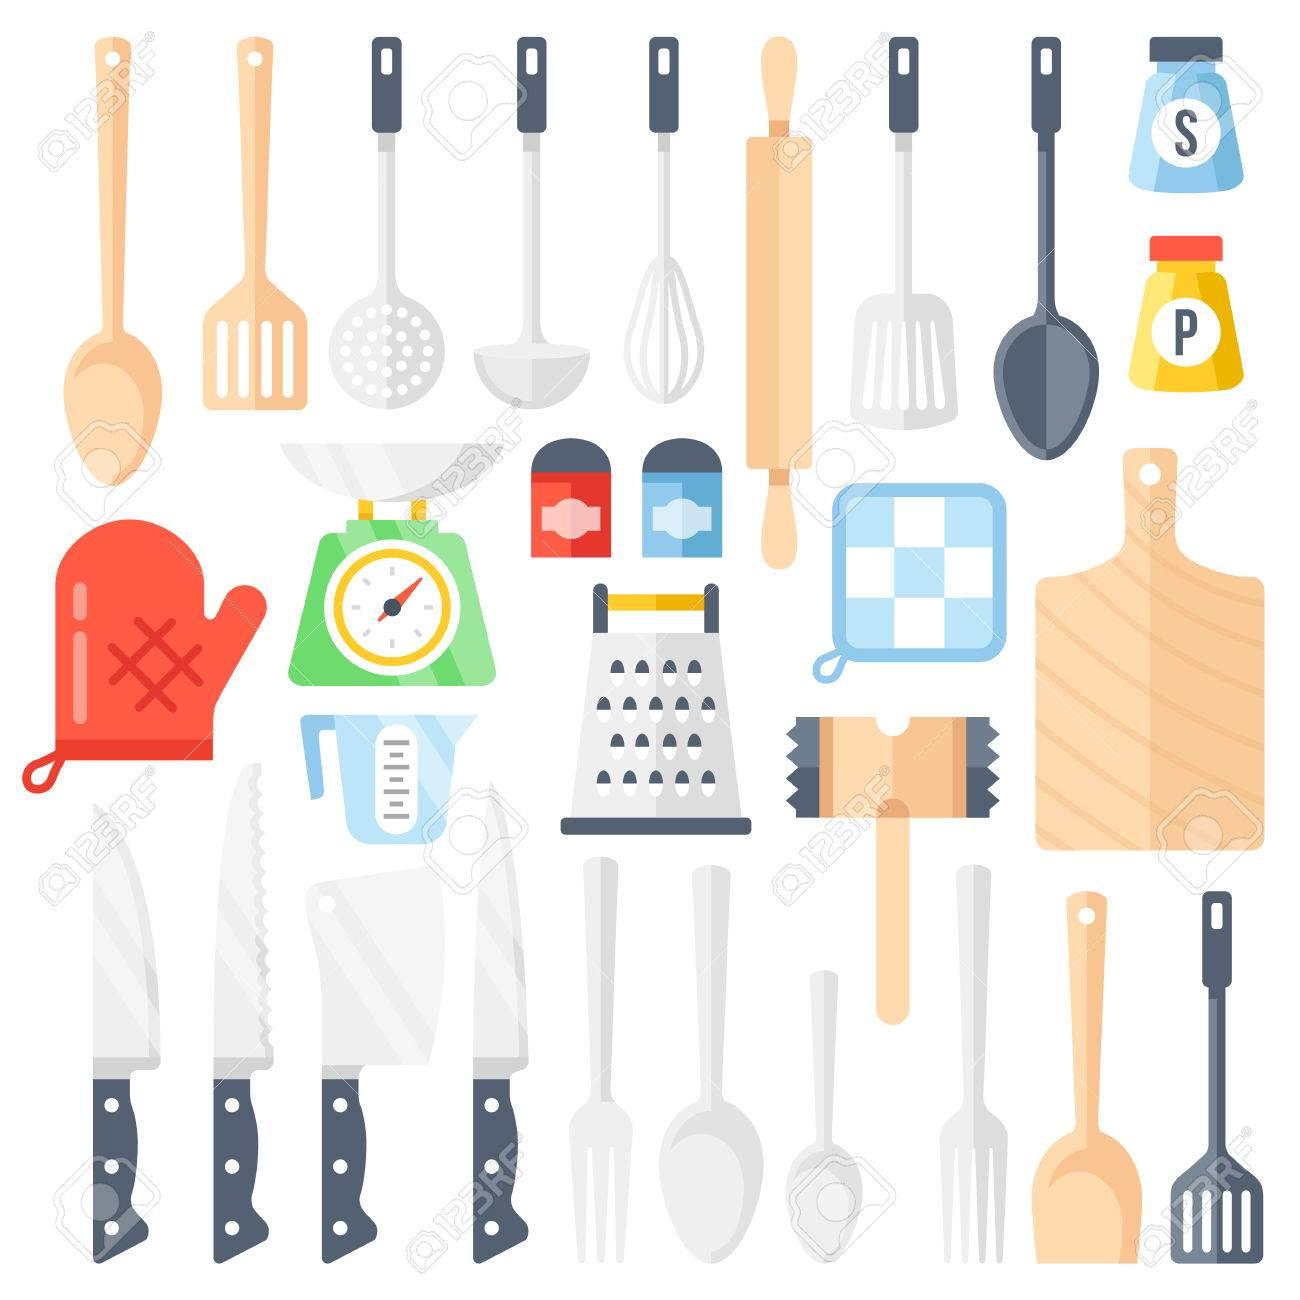 Wunderbar Küchenutensilien Gesetzt Galerie - Ideen Für Die Küche ...